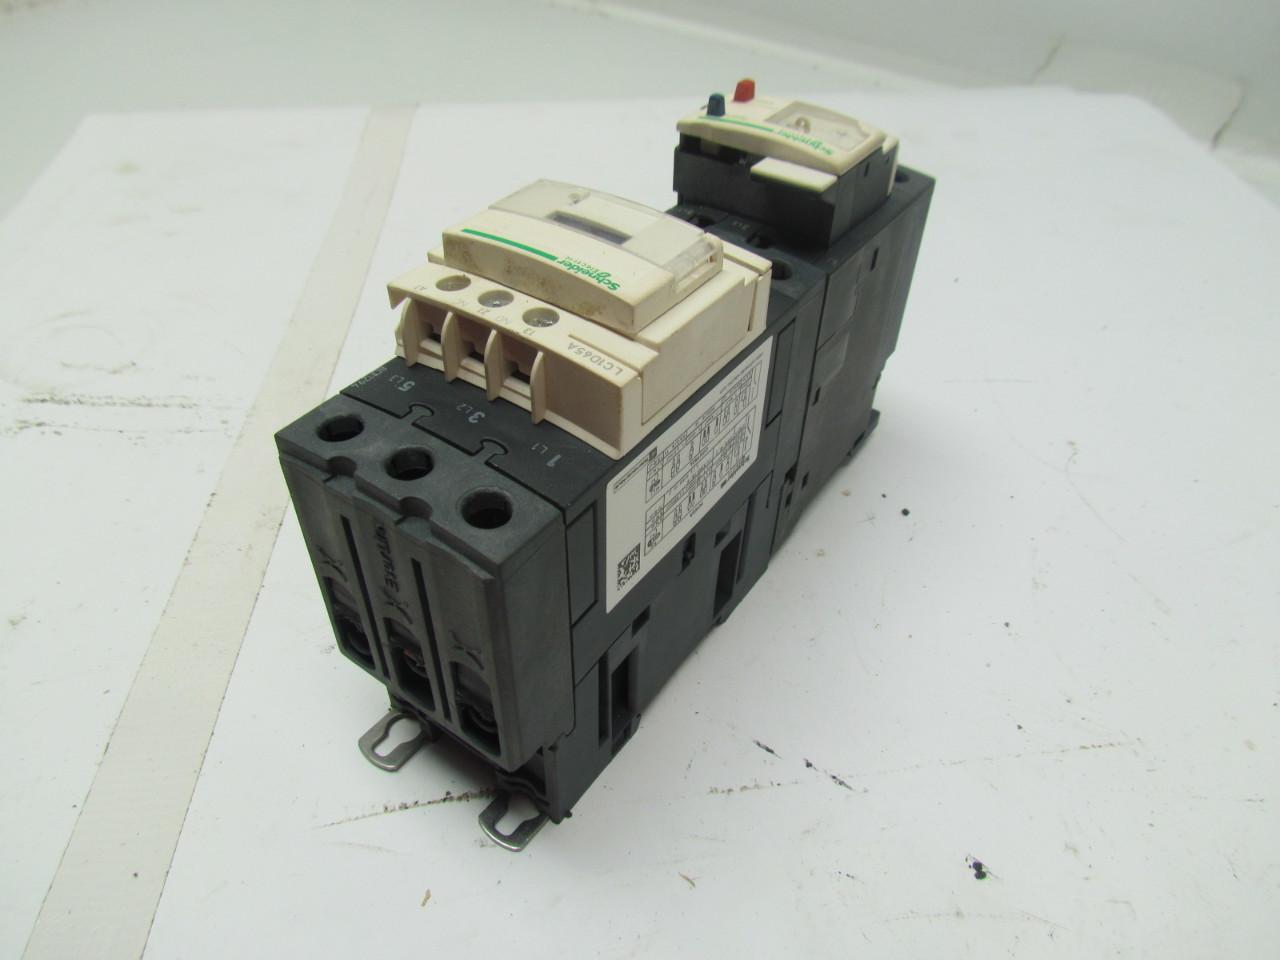 Schneider telemecanique lc1d65a 65a 3 pole contactor motor starter w over load ebay Telemecanique motor starter